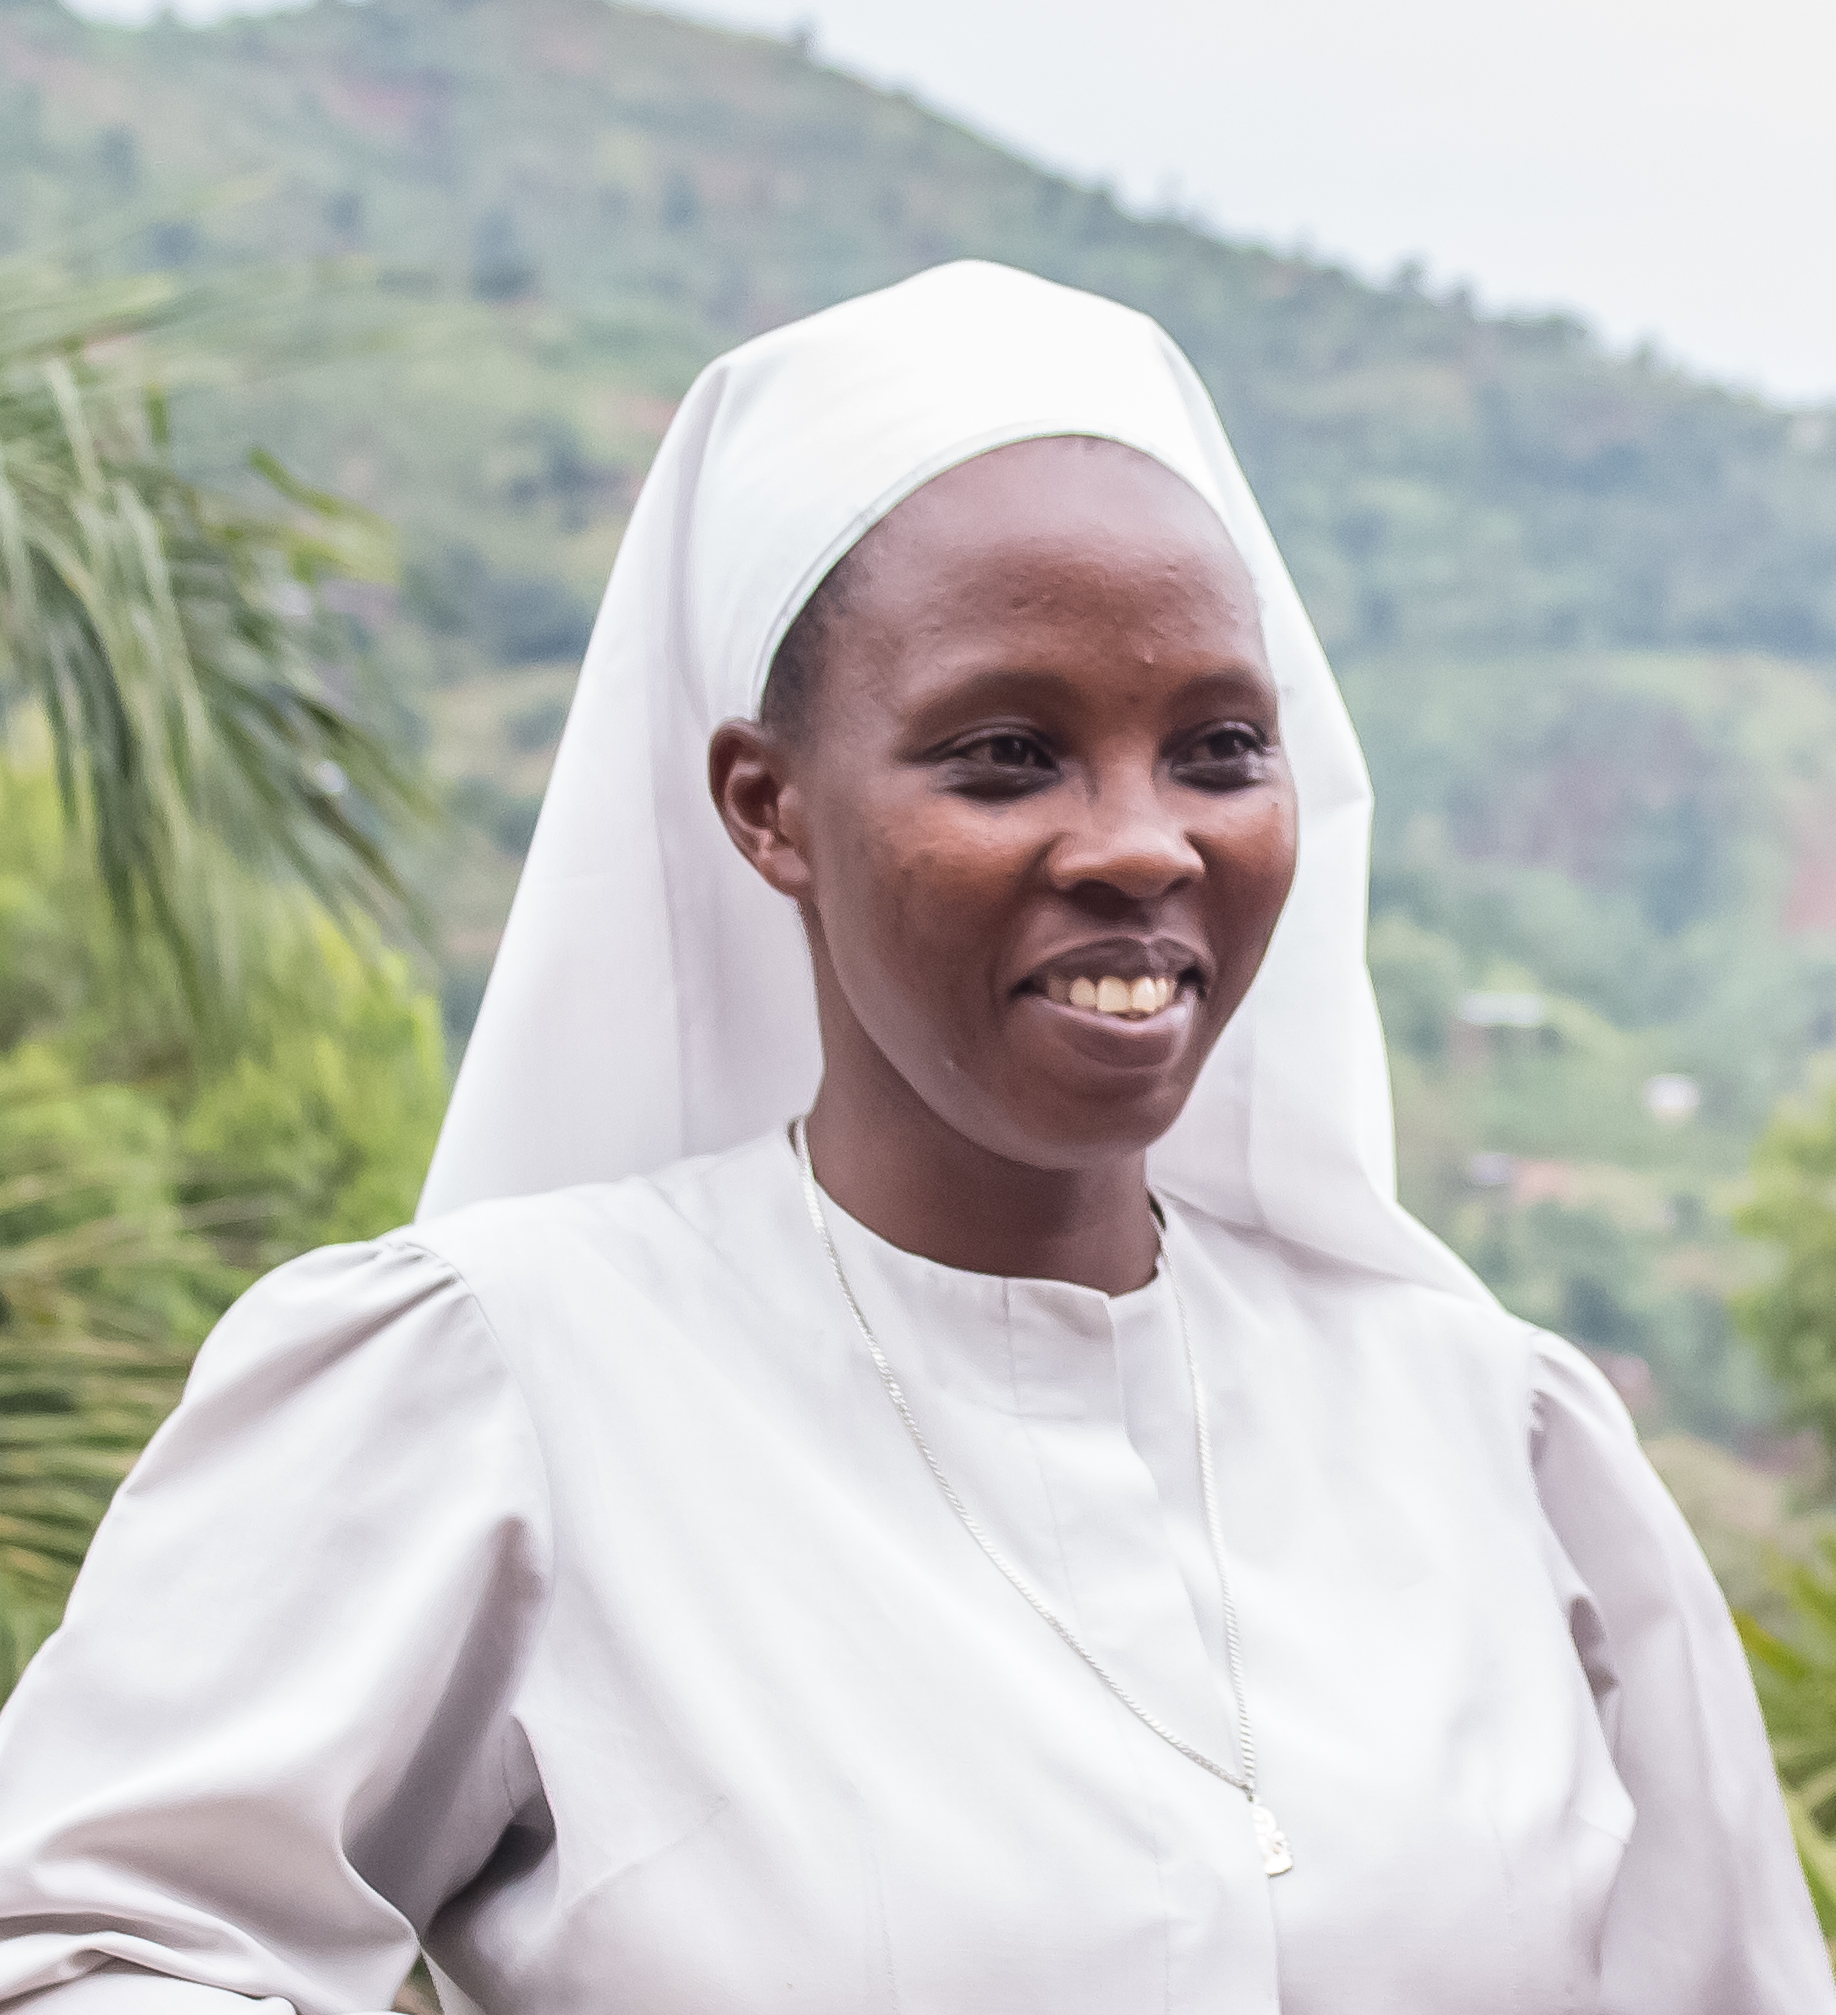 Ninon Ndayikengurukiye/CARE